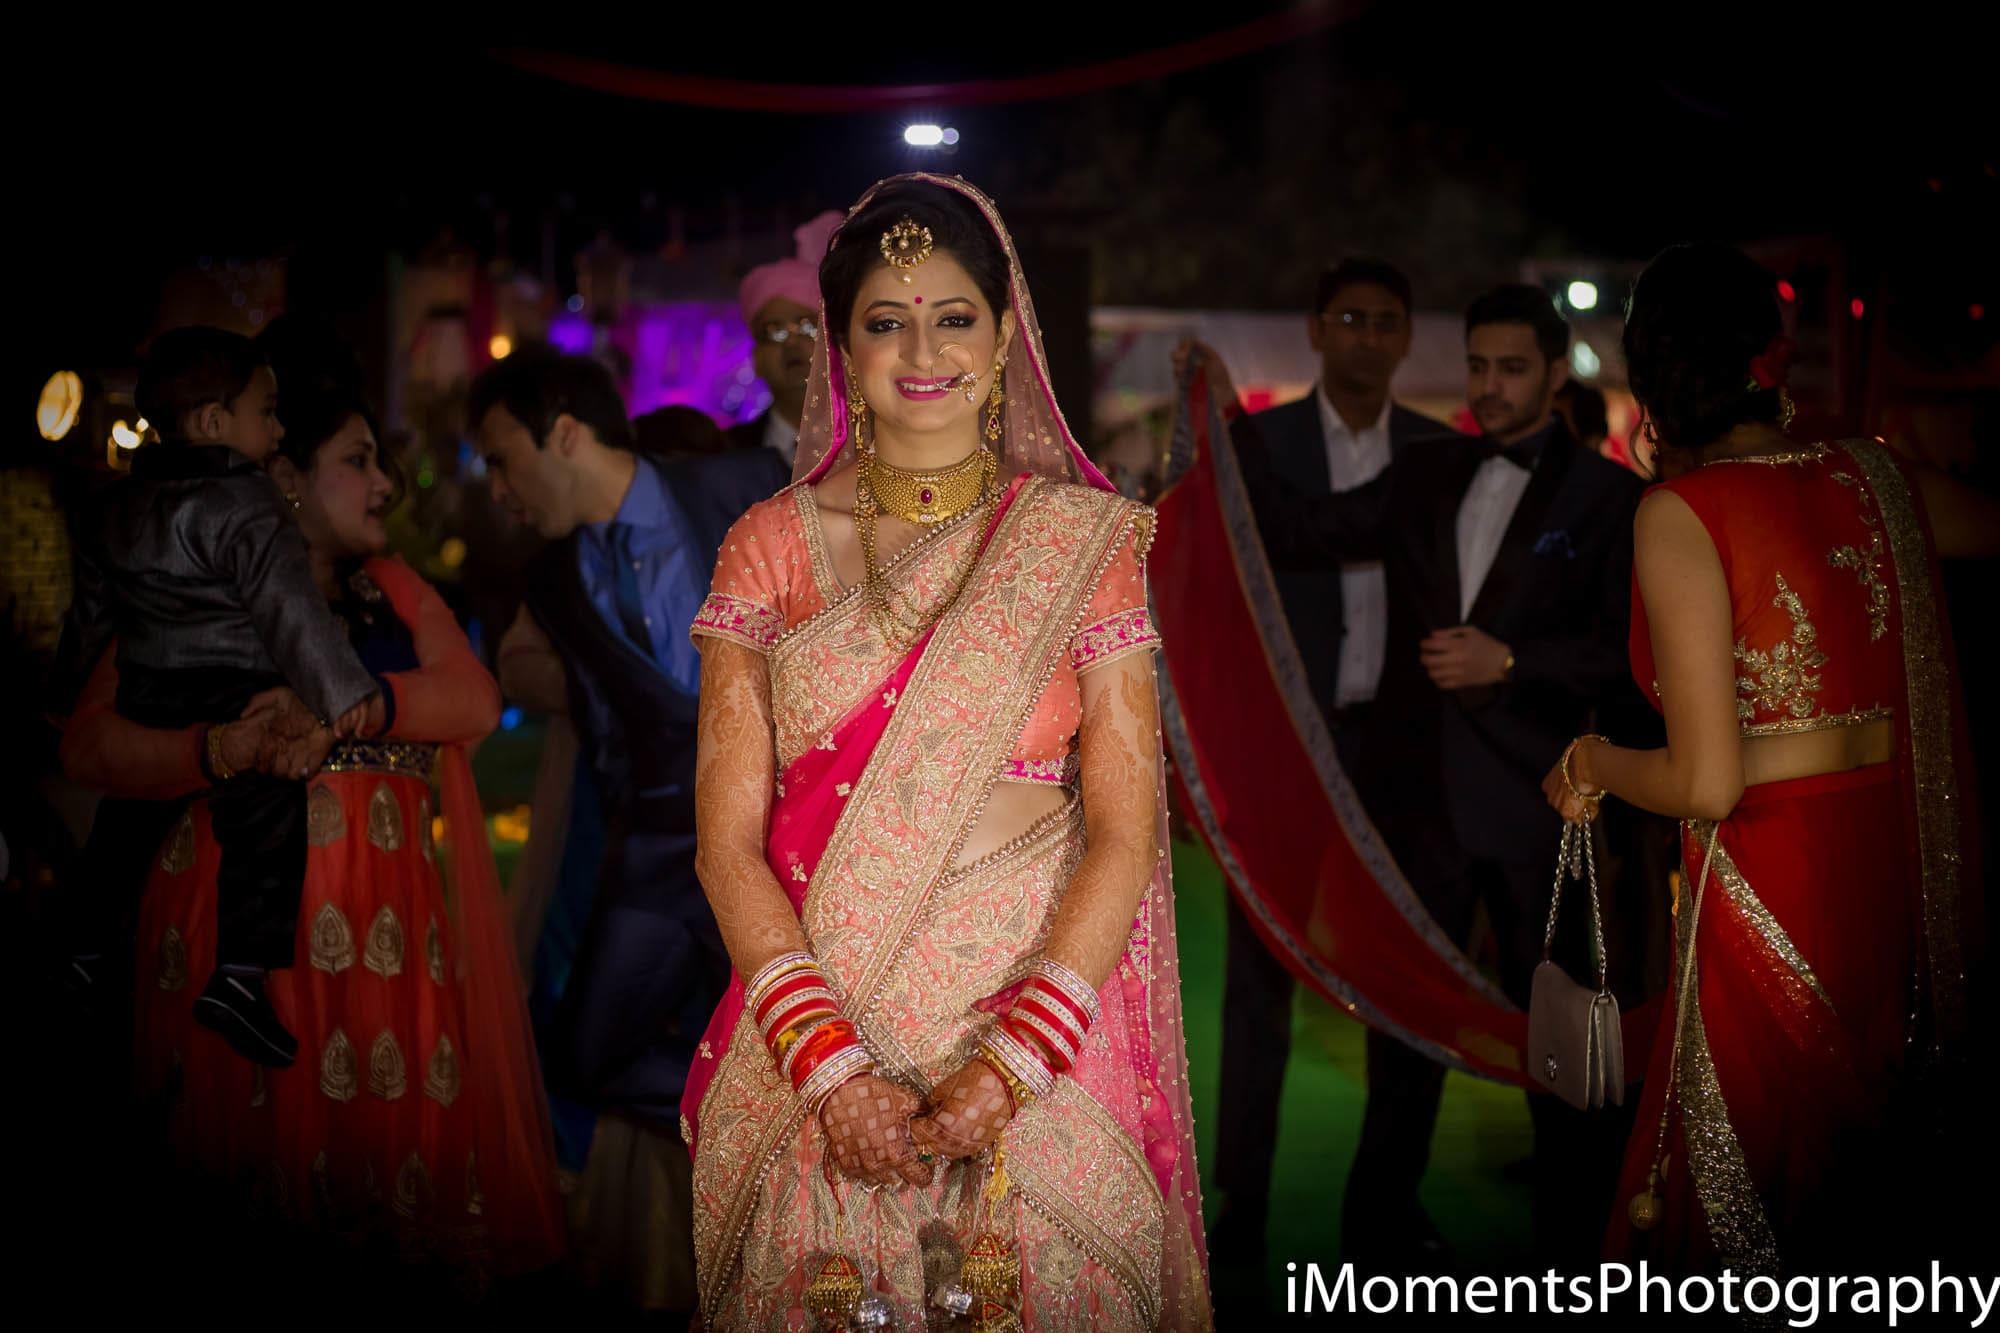 the perfect bride!:imomentsvideo